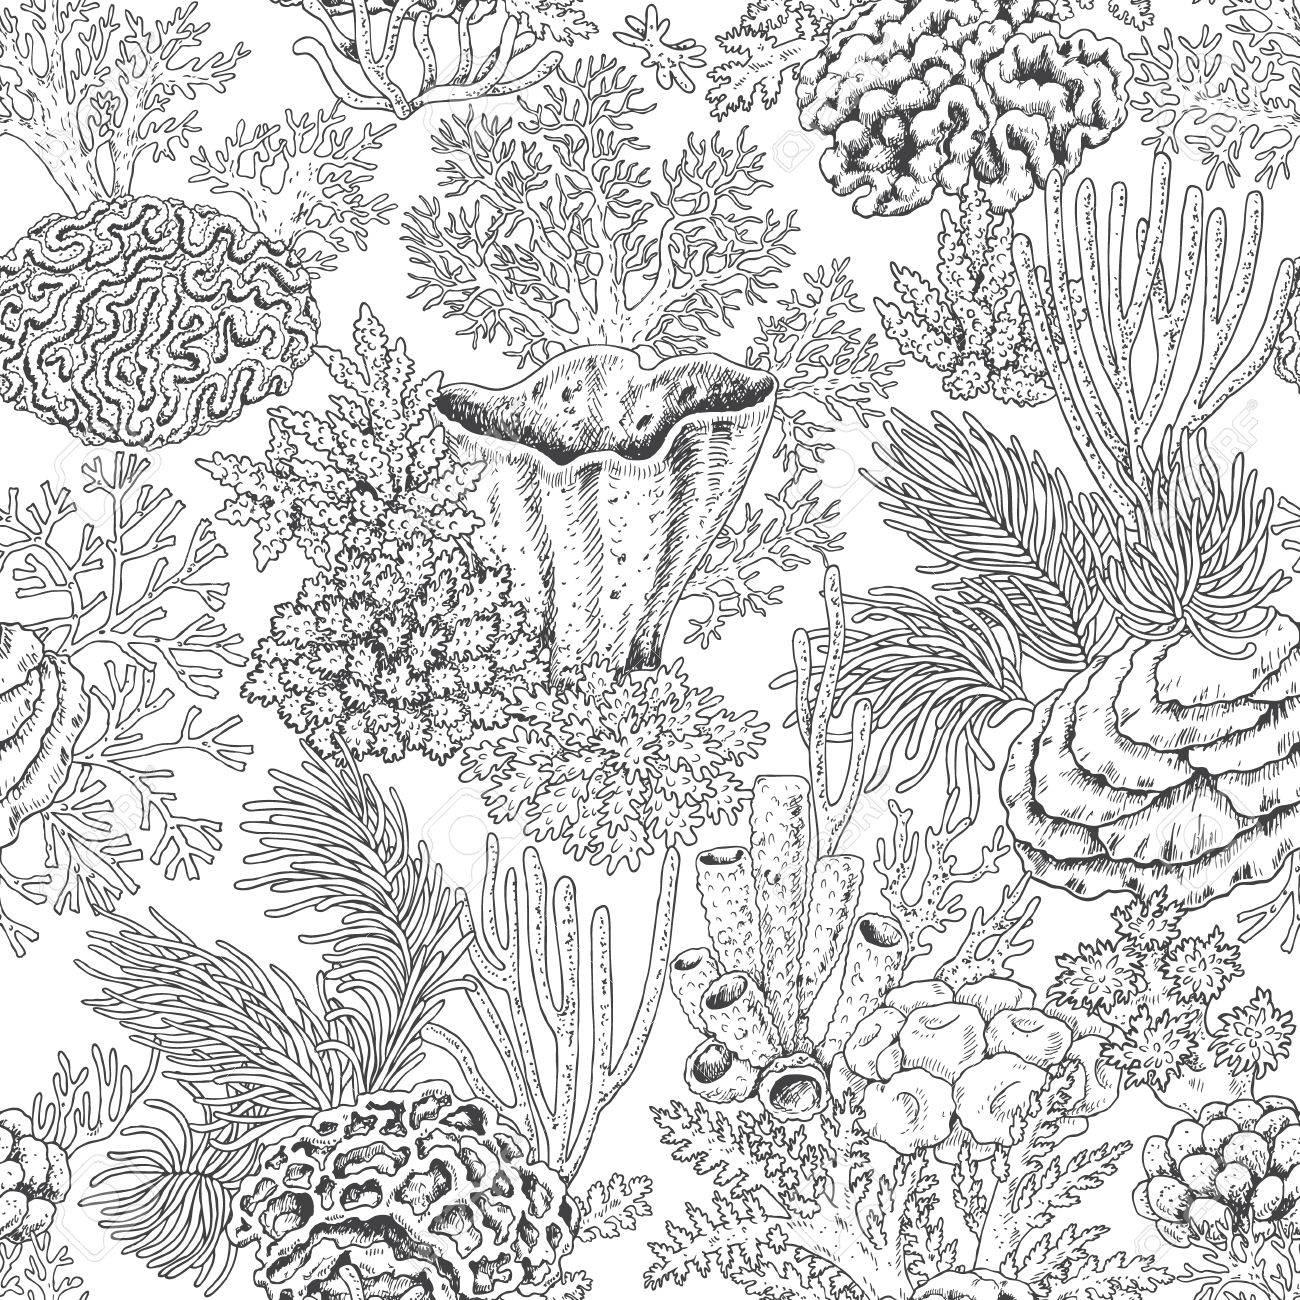 Dibujado A Mano Elementos Naturales Bajo El Agua Sin Patrón Con Los Arrecifes De Coral Textura Del Mar En Blanco Y Negro De Fondo Página En